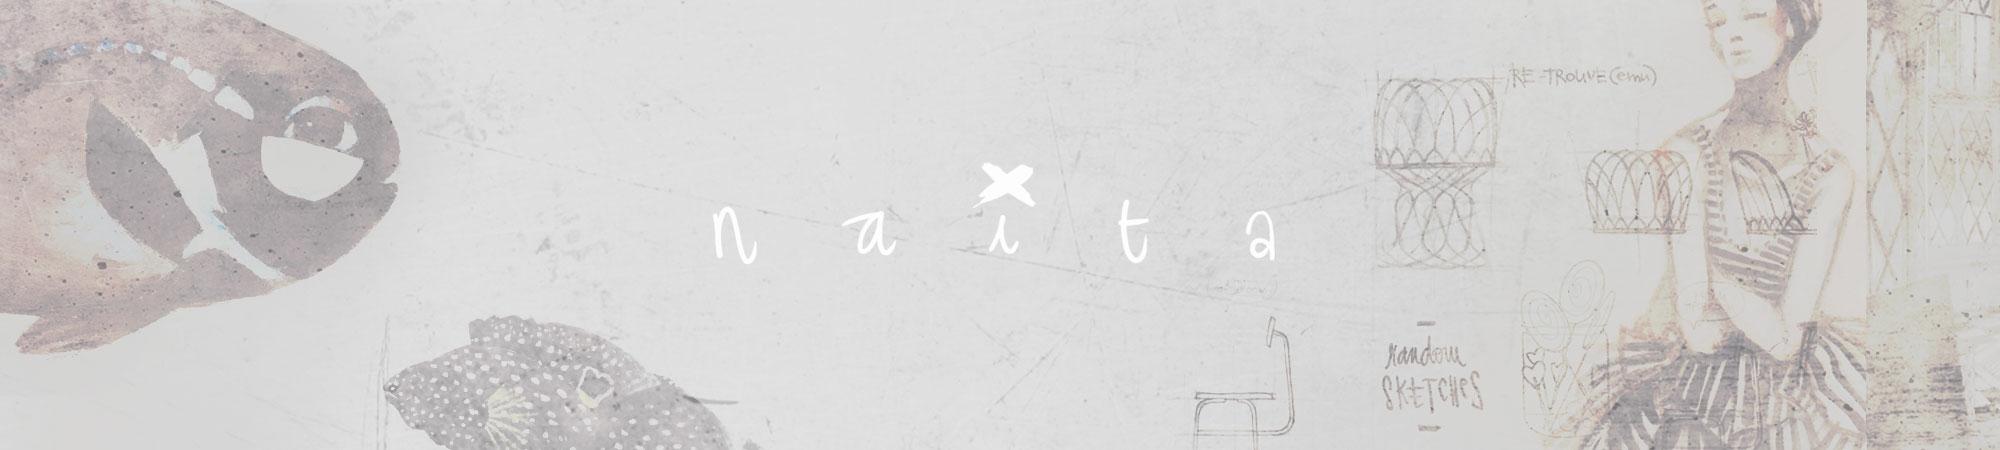 Tina (@naita) Cover Image